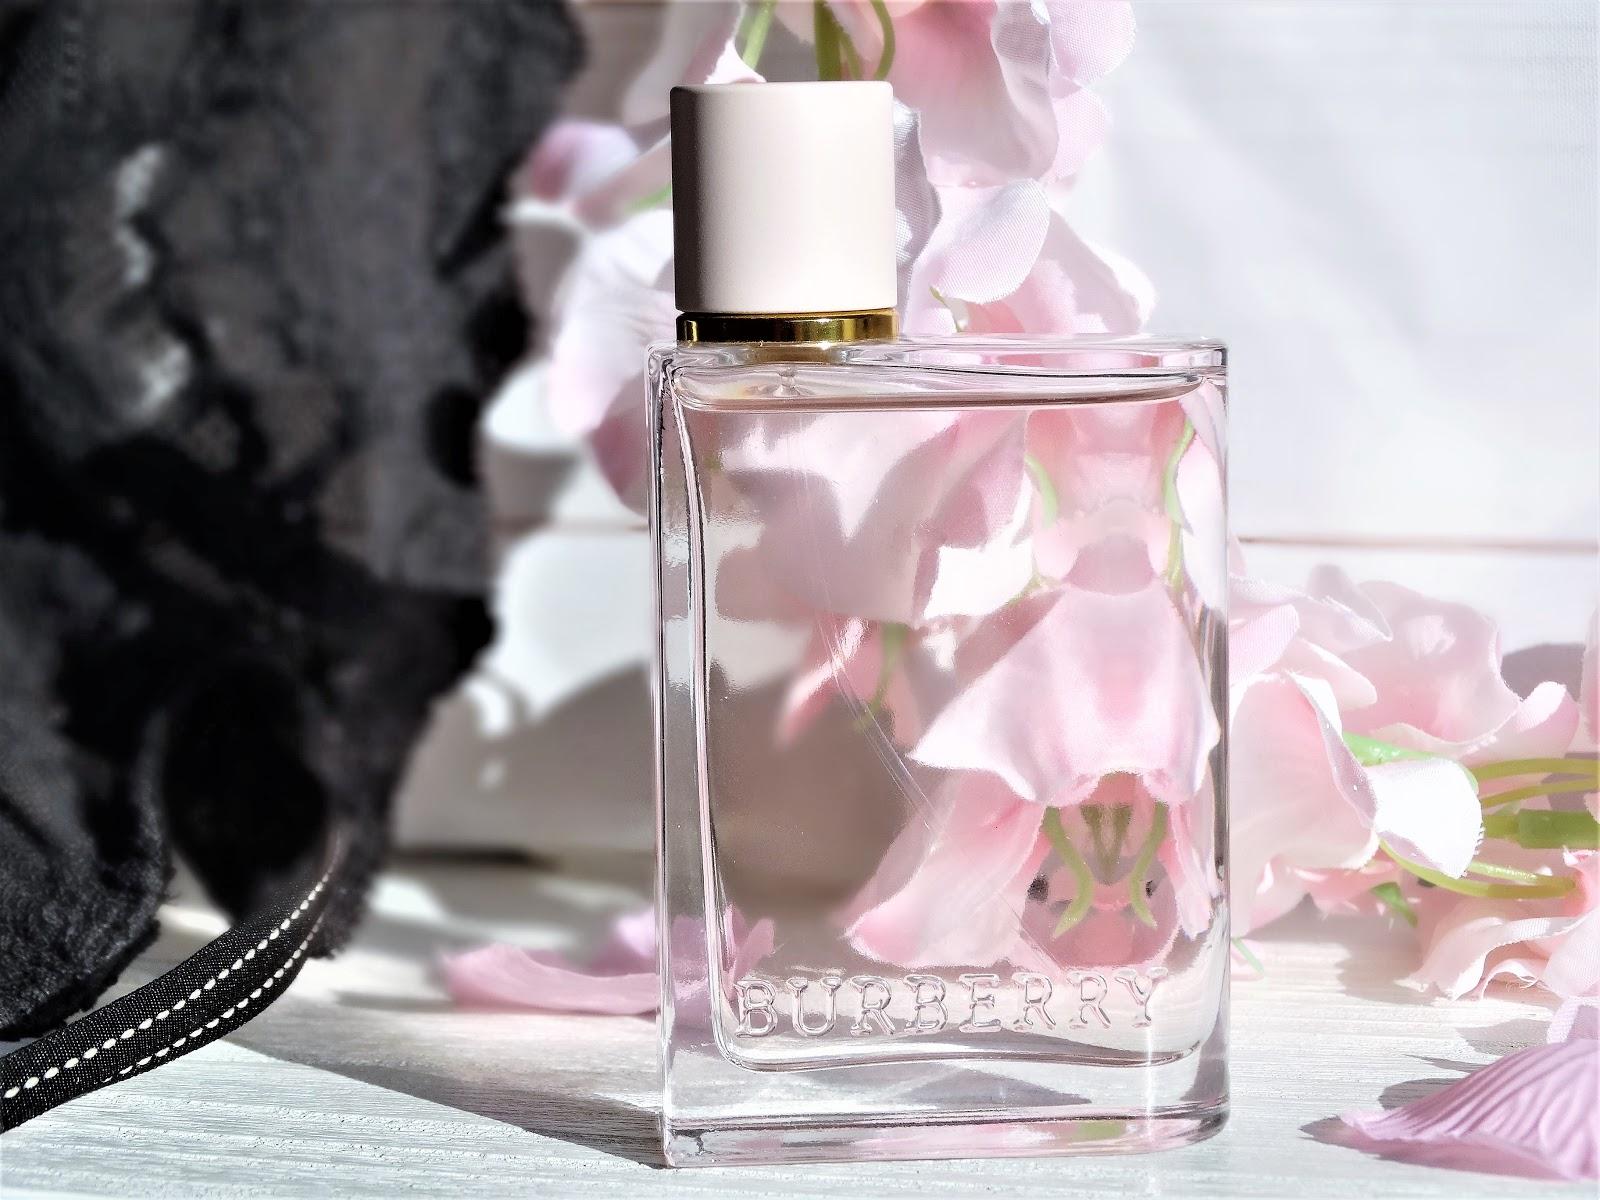 Burberry Parfum Ambiance Le Fragrance Femme Et De Her Nouveau USVzMpq